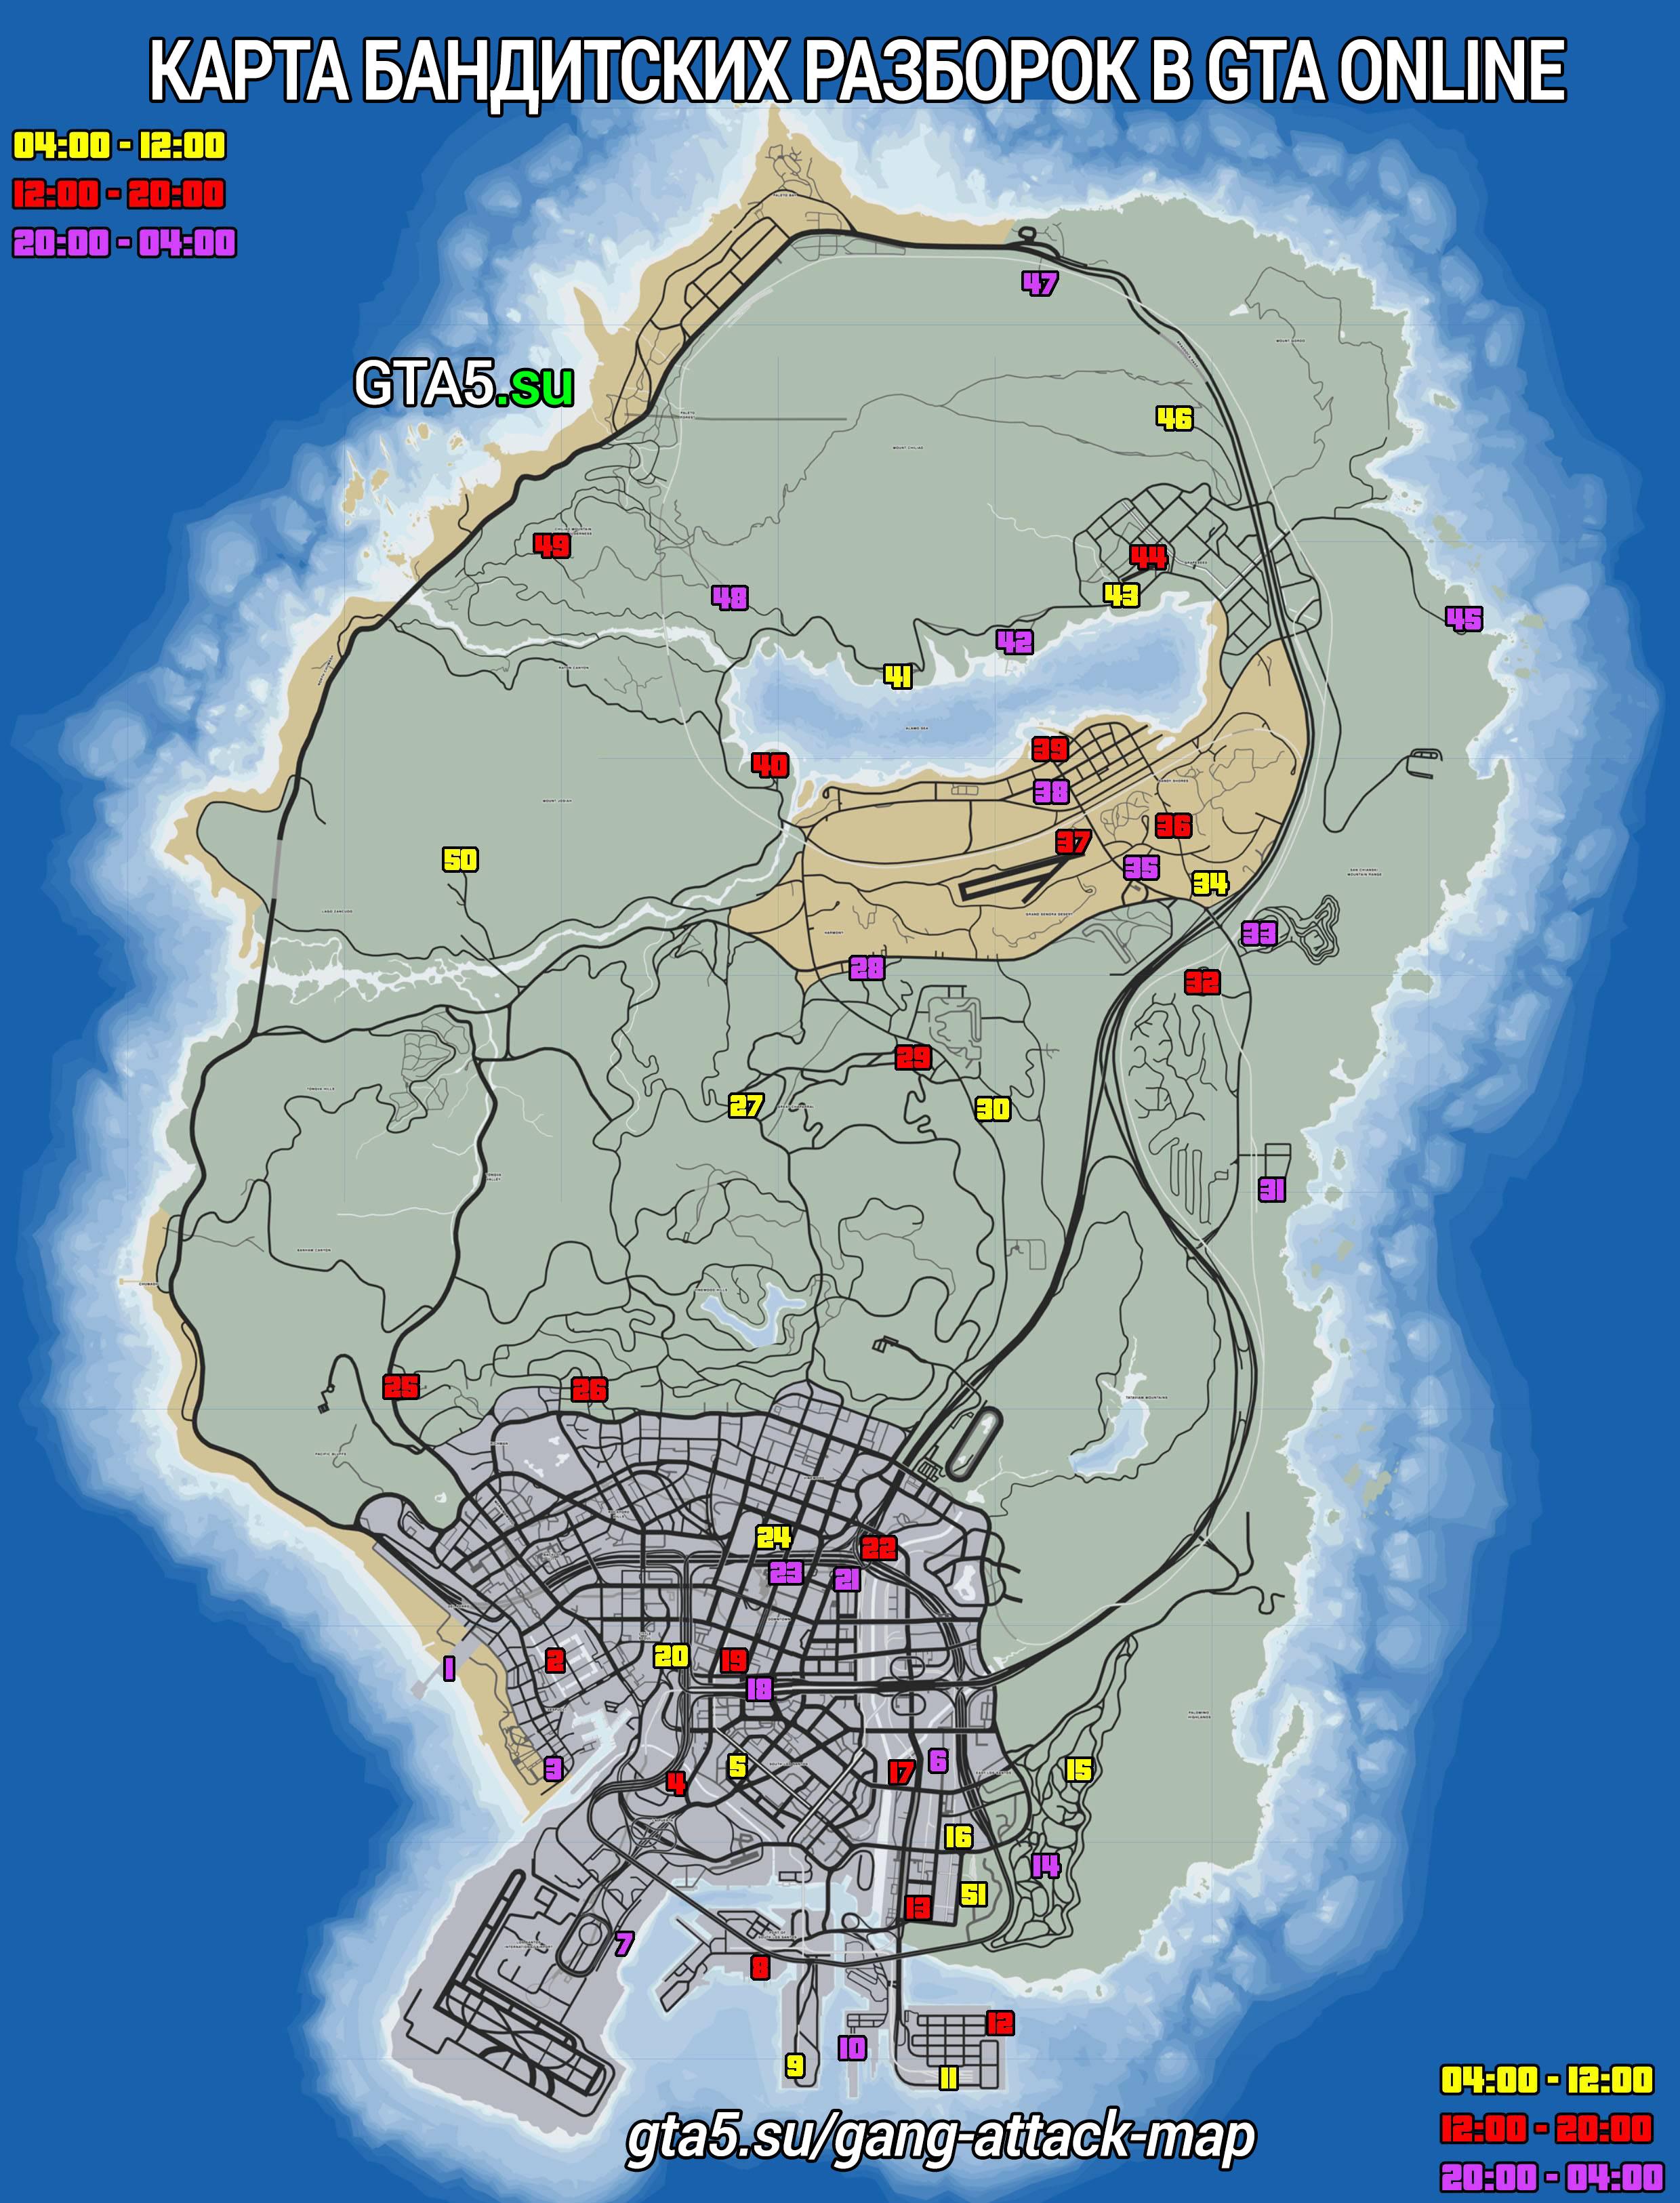 Как играть в gta 5 в свободном режиме на карте русский рулетка онлайн